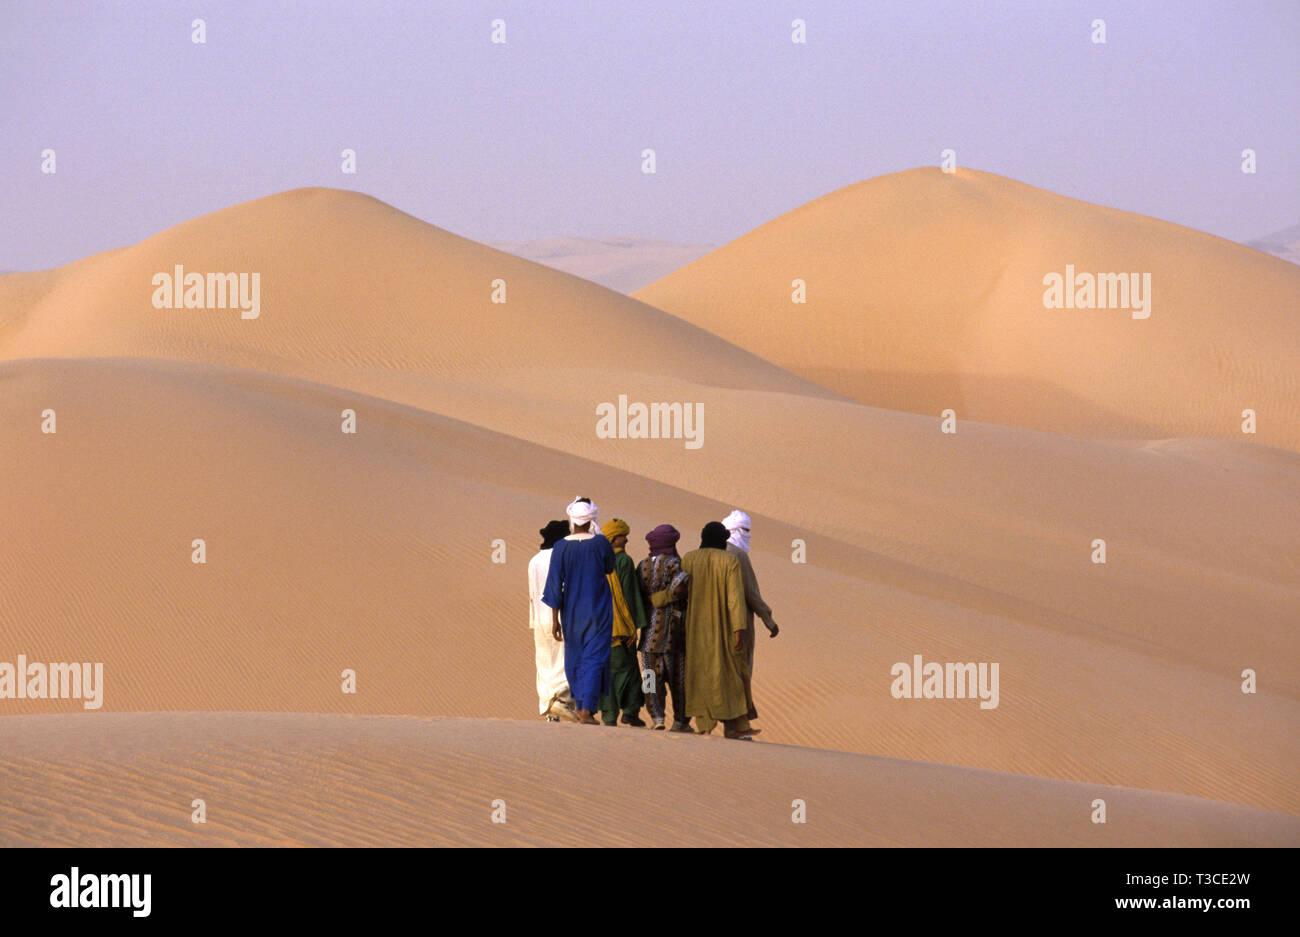 Groupe d'hommes touareg randonnée à travers le désert du Sahara, l'Algérie Photo Stock